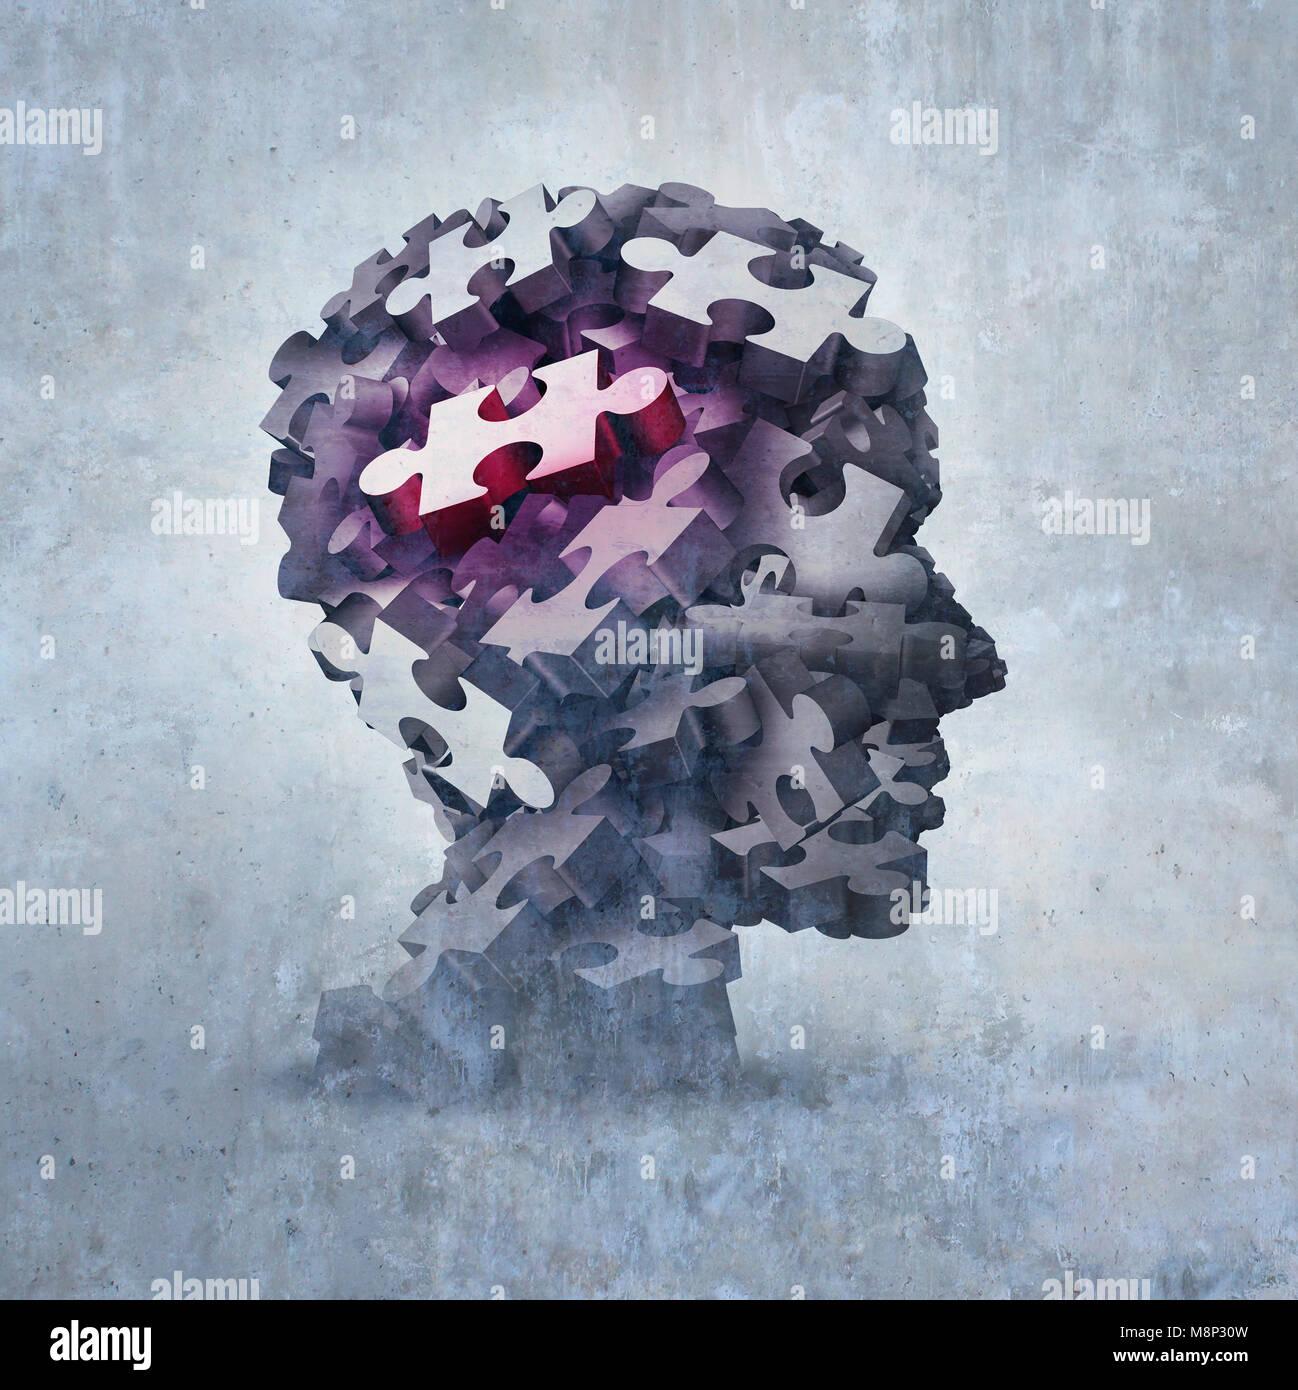 Neurosis trastorno mental concepto como un comportamiento obsesivo de psiquiatría y psicología como un Imagen De Stock